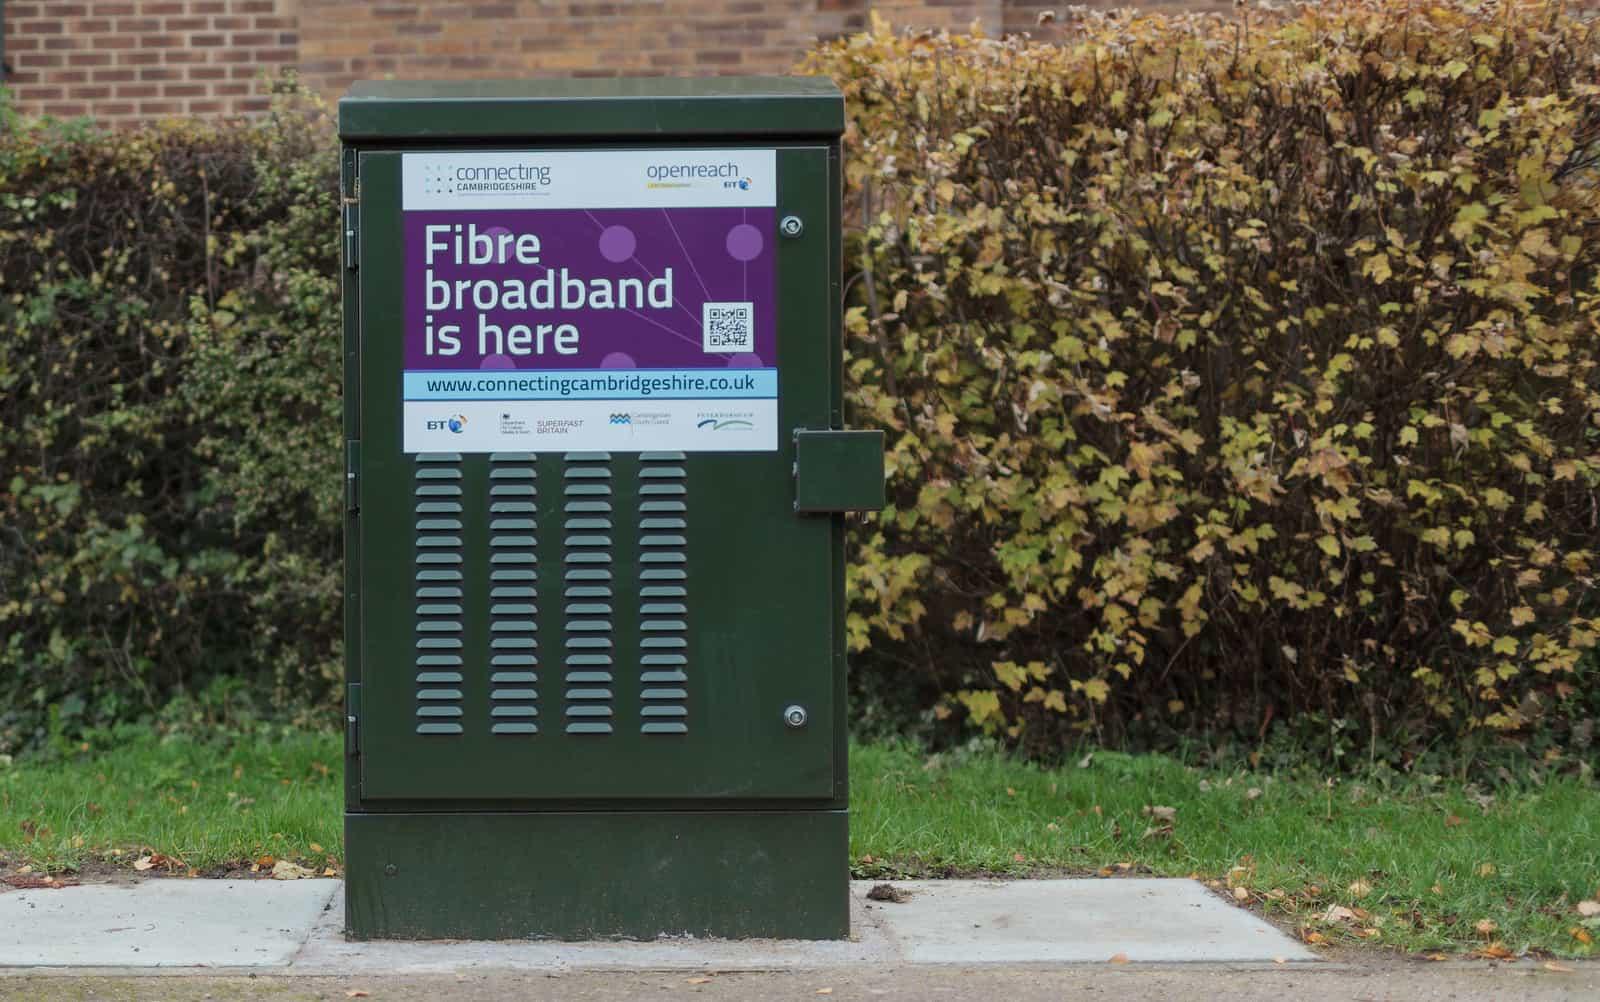 Fibre broadband street cabinet